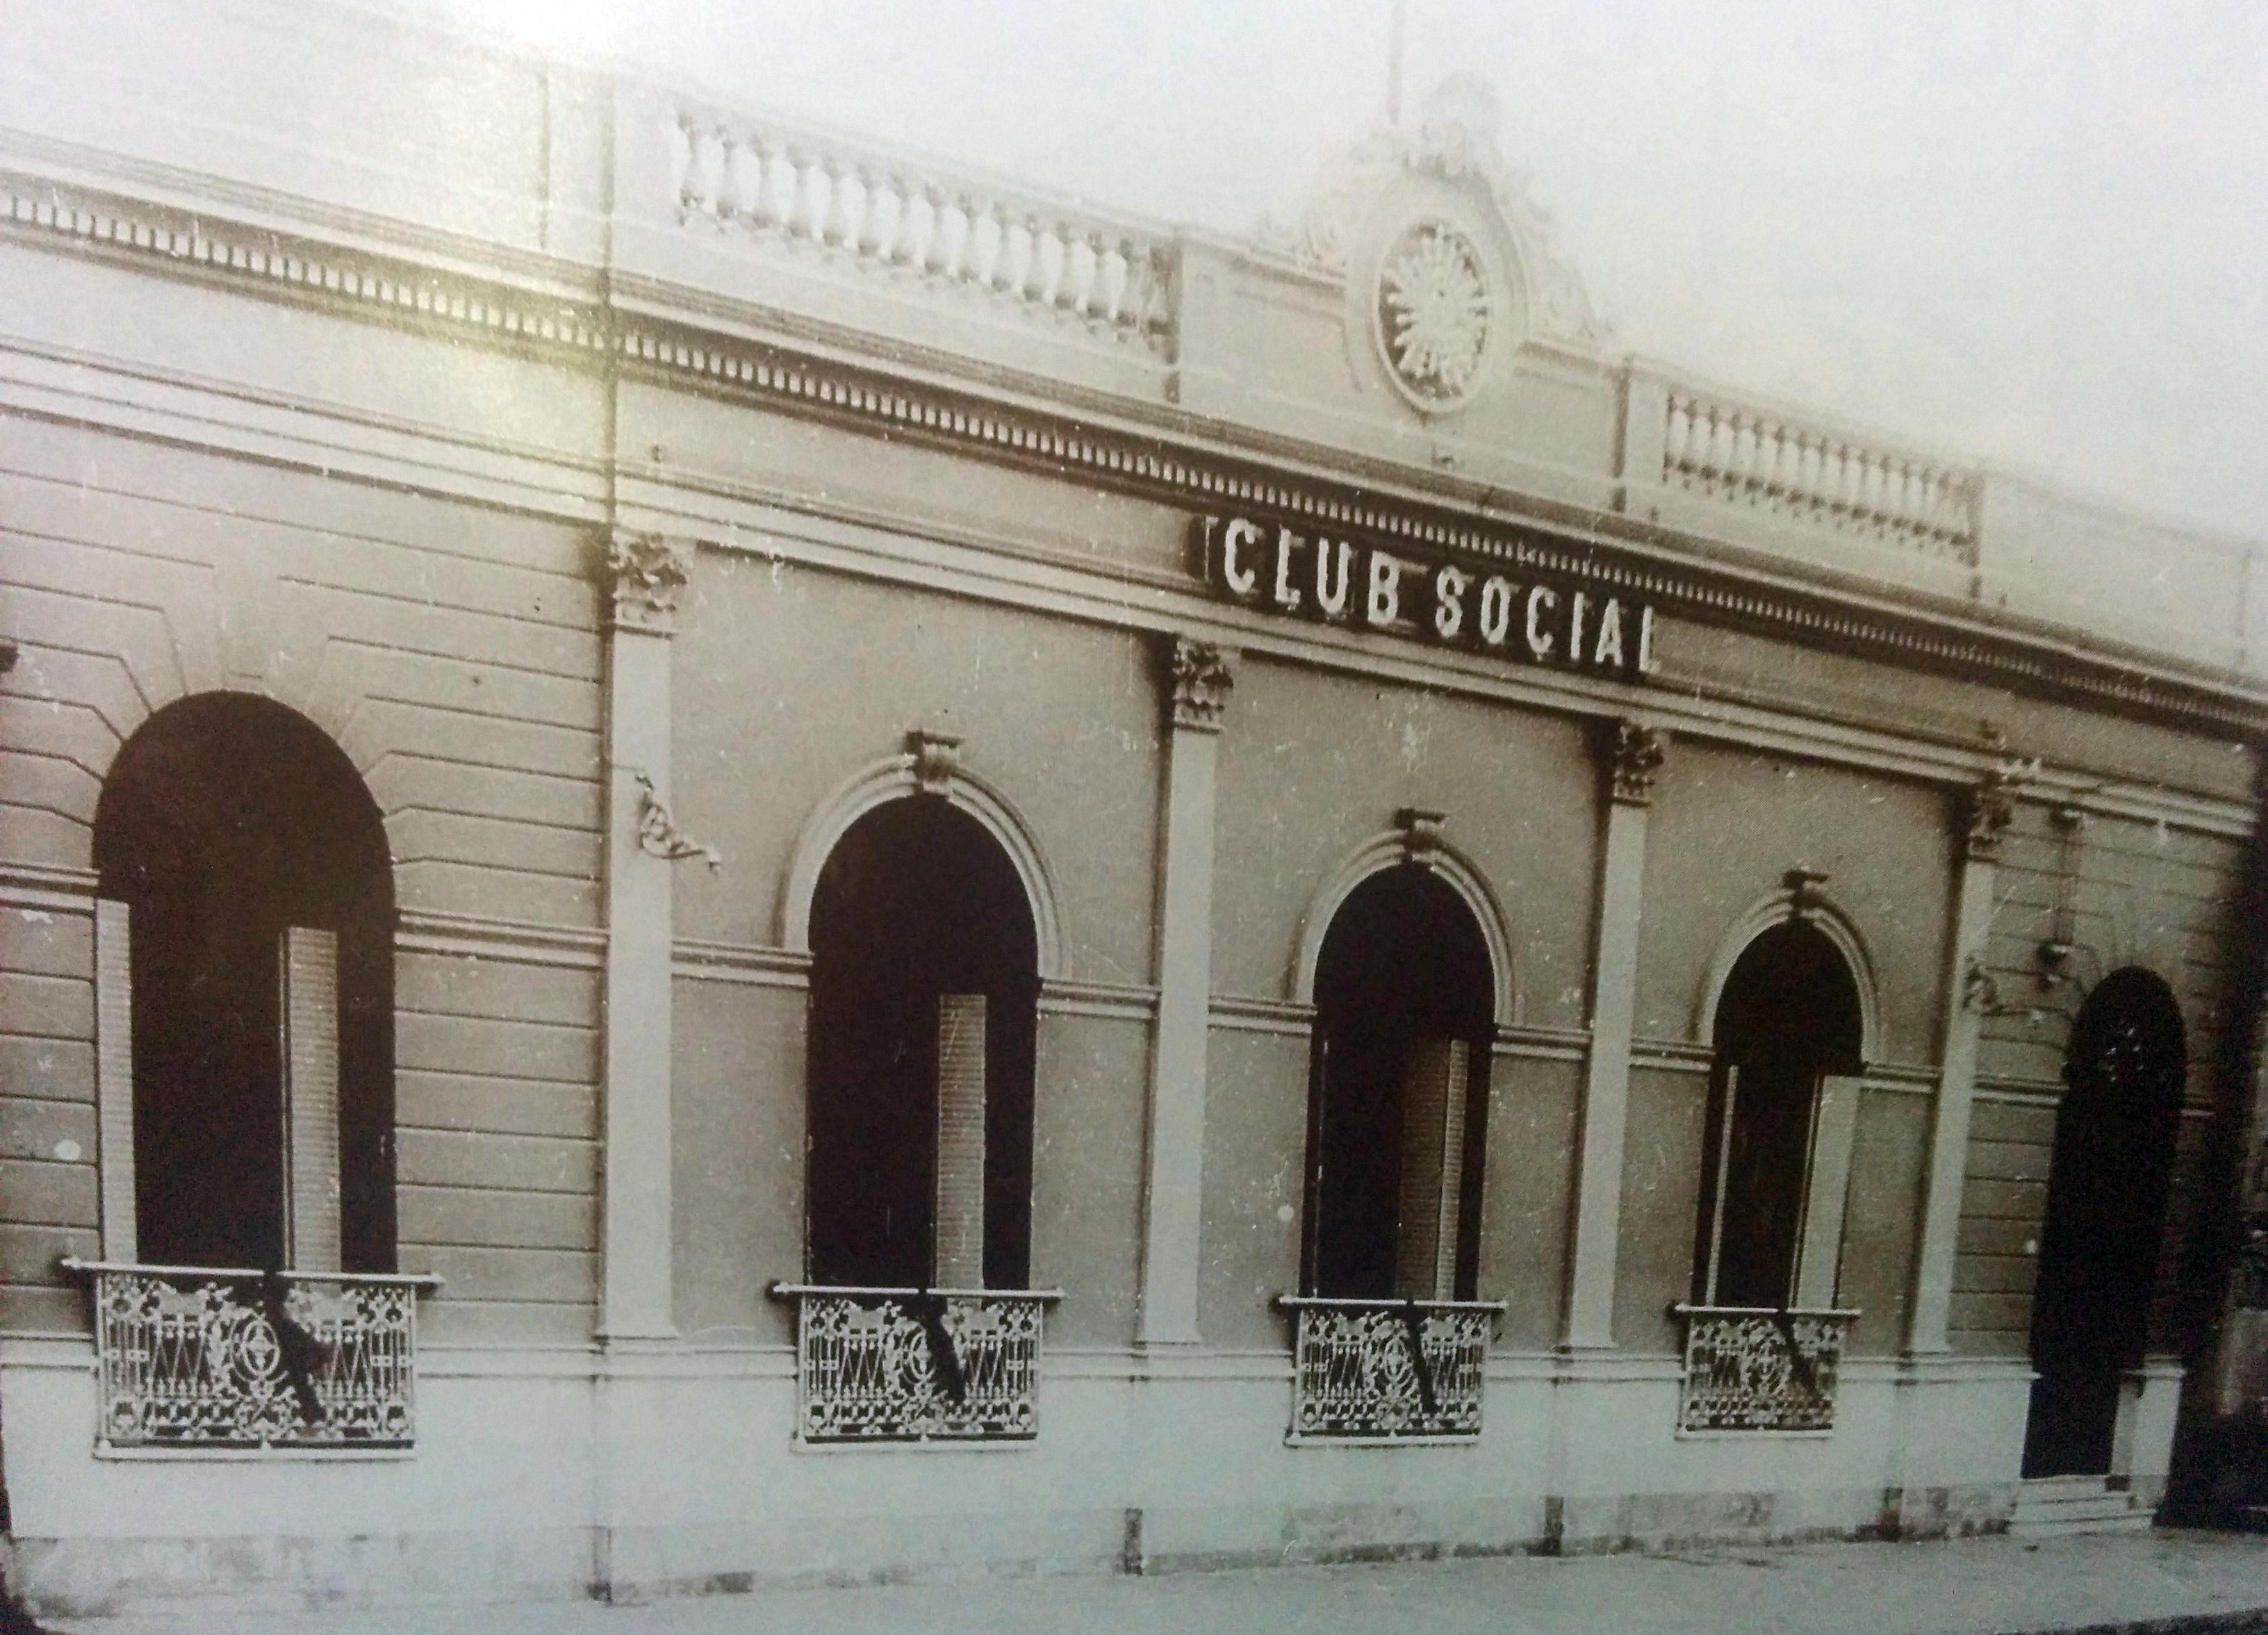 Frente del Club Social, hacia 1910.